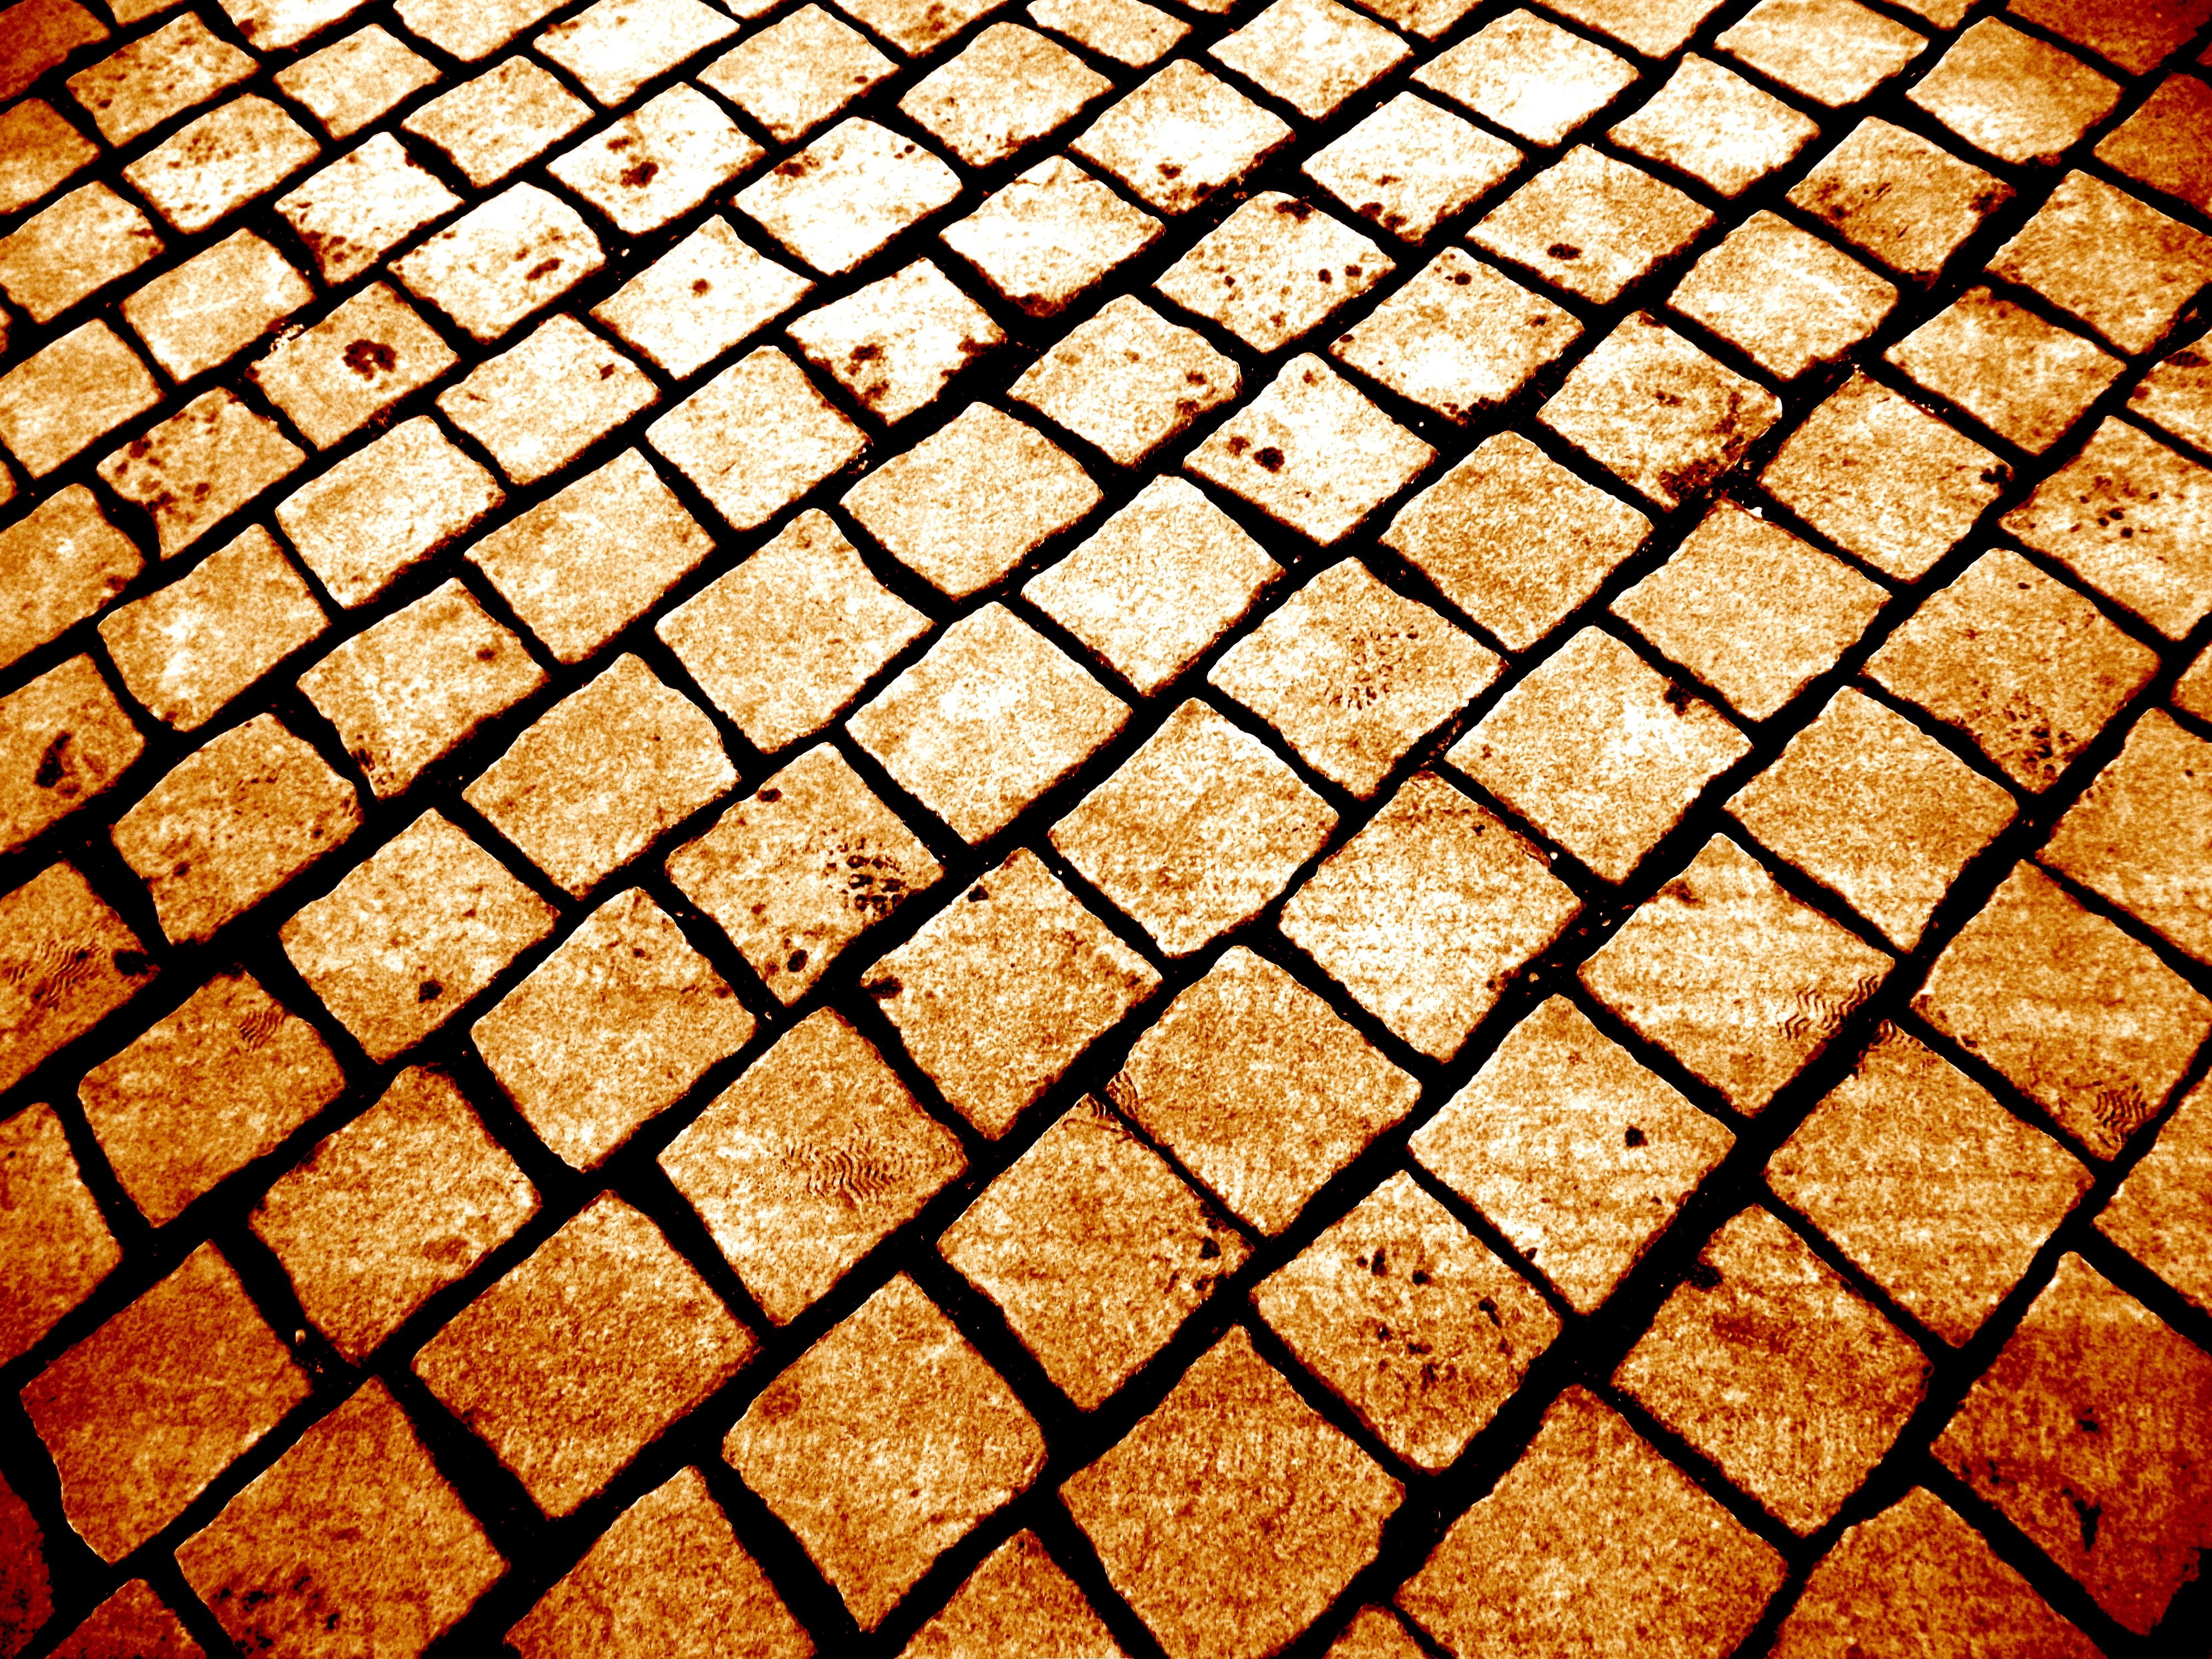 무료 이미지 : 조직, 바닥, 조약돌, 무늬, 선, 흙, 벽돌, 자료, 원 ...